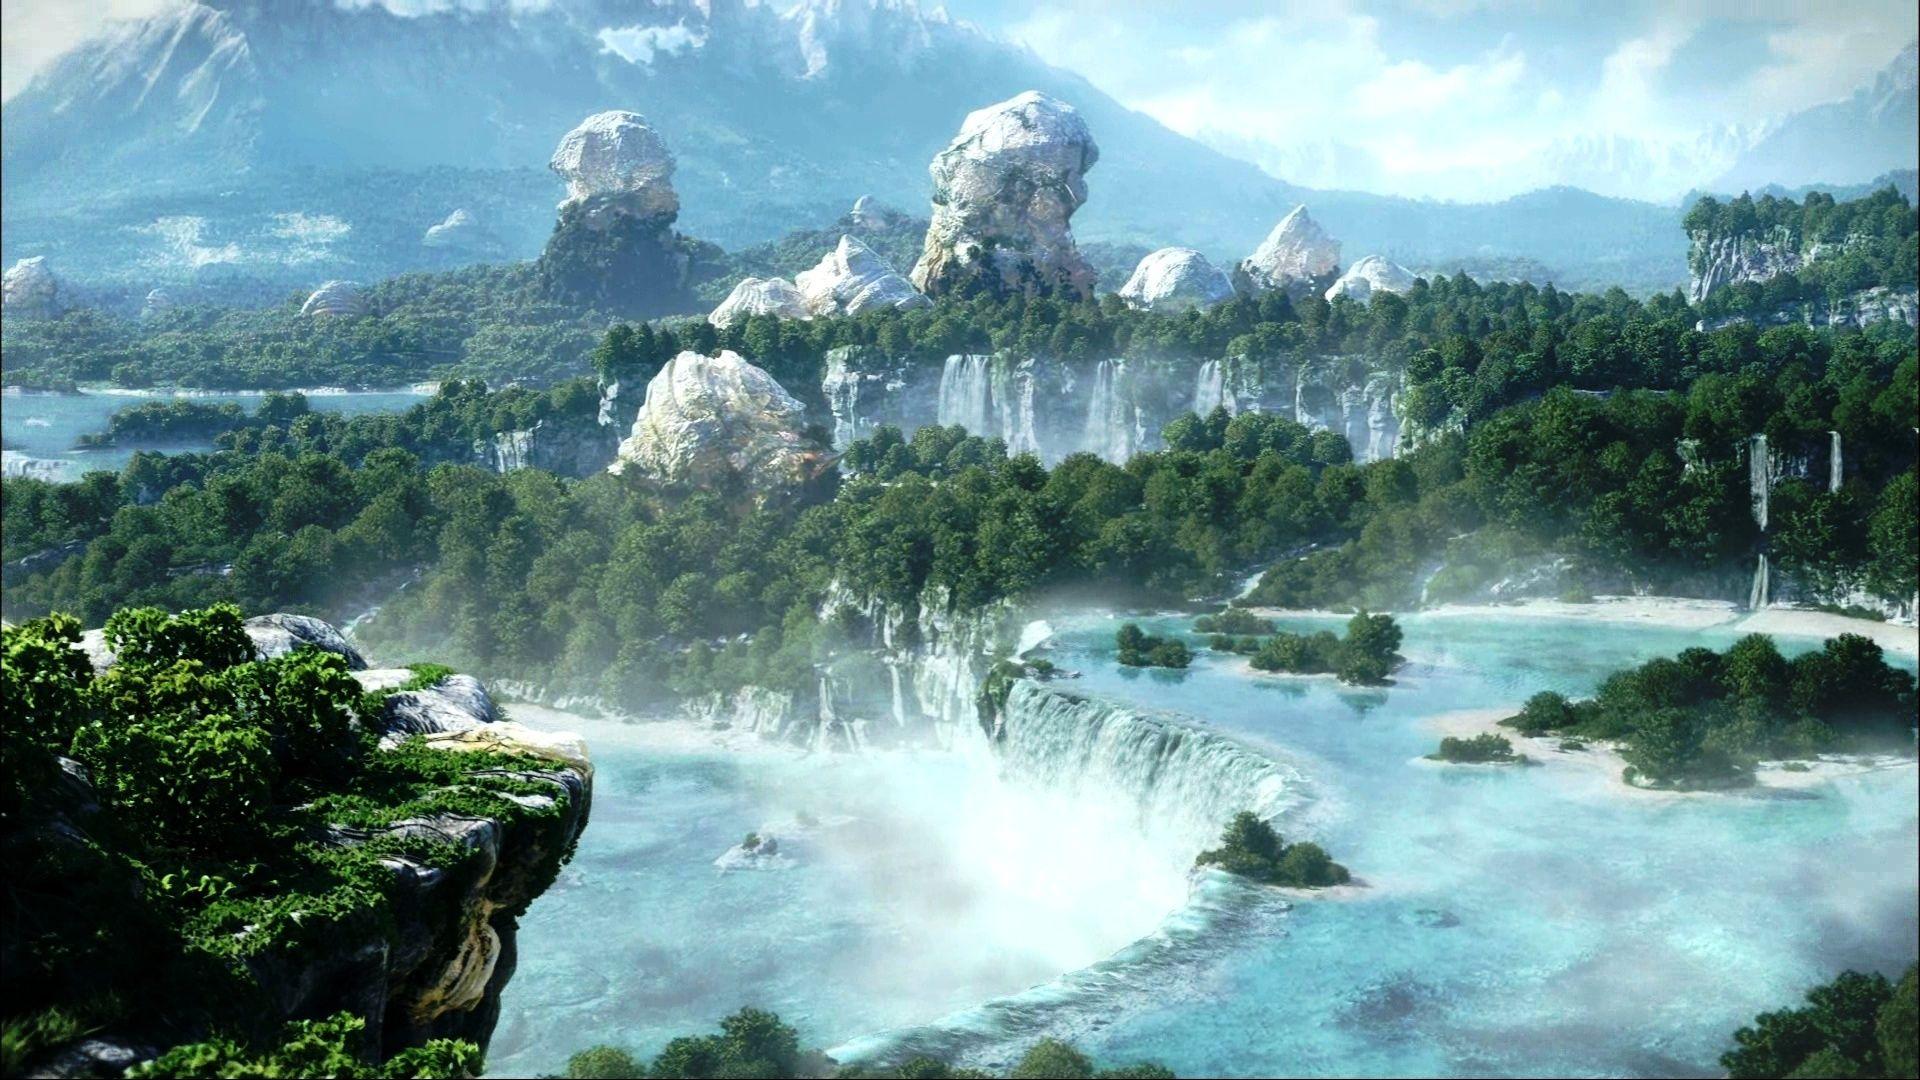 fantasy landscape | Alien Landscapes I Could Live With | Pinterest ... for Fantasy Water Landscape  45hul